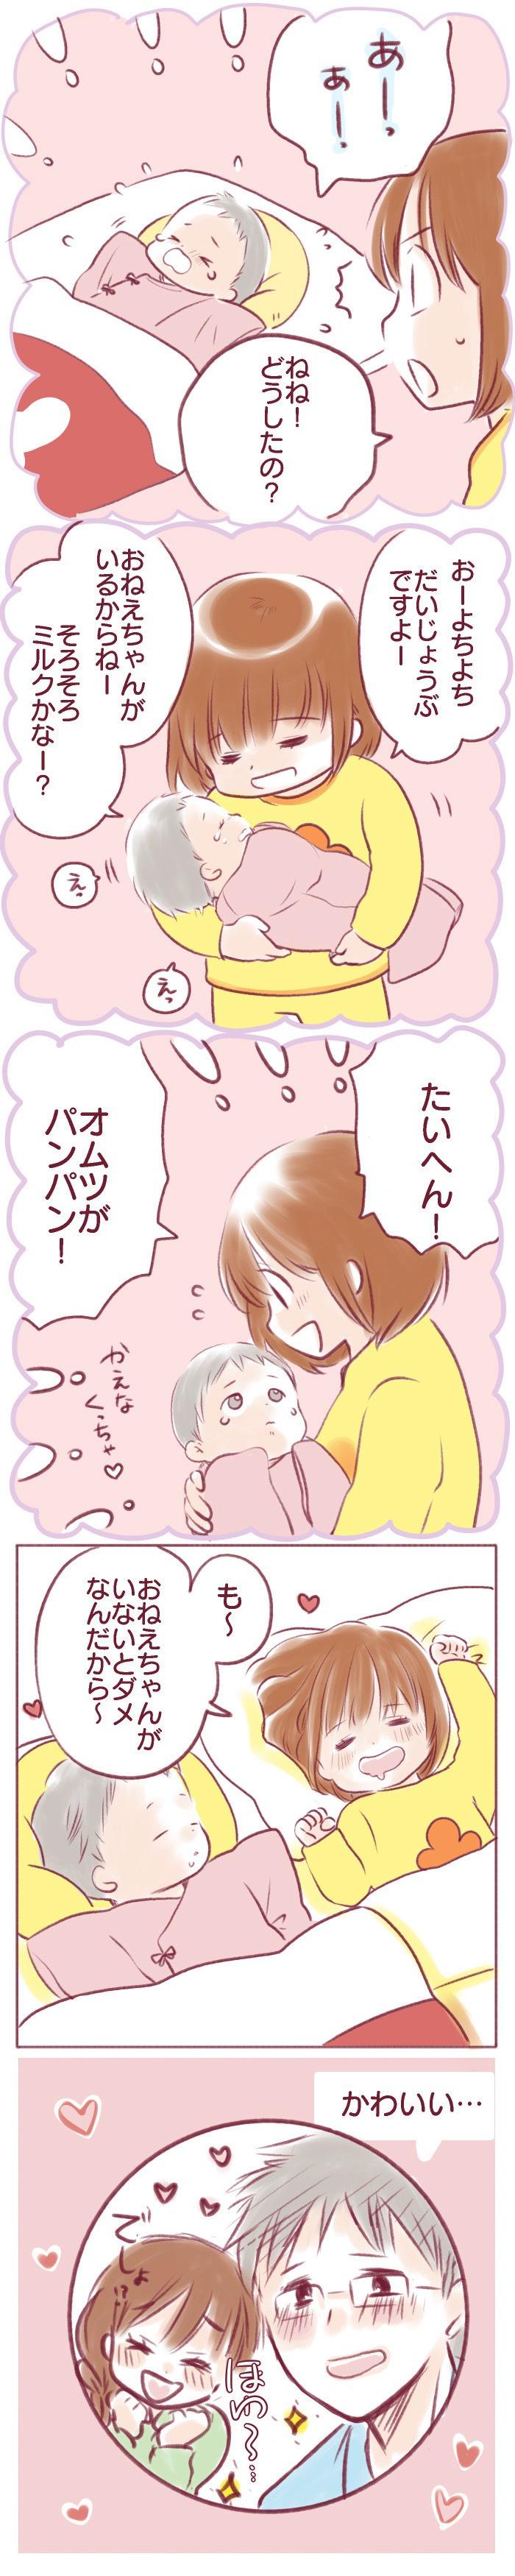 「おねえちゃんがいないとダメなんだから〜」世界一かわいい寝言の裏っかわ♡の画像1